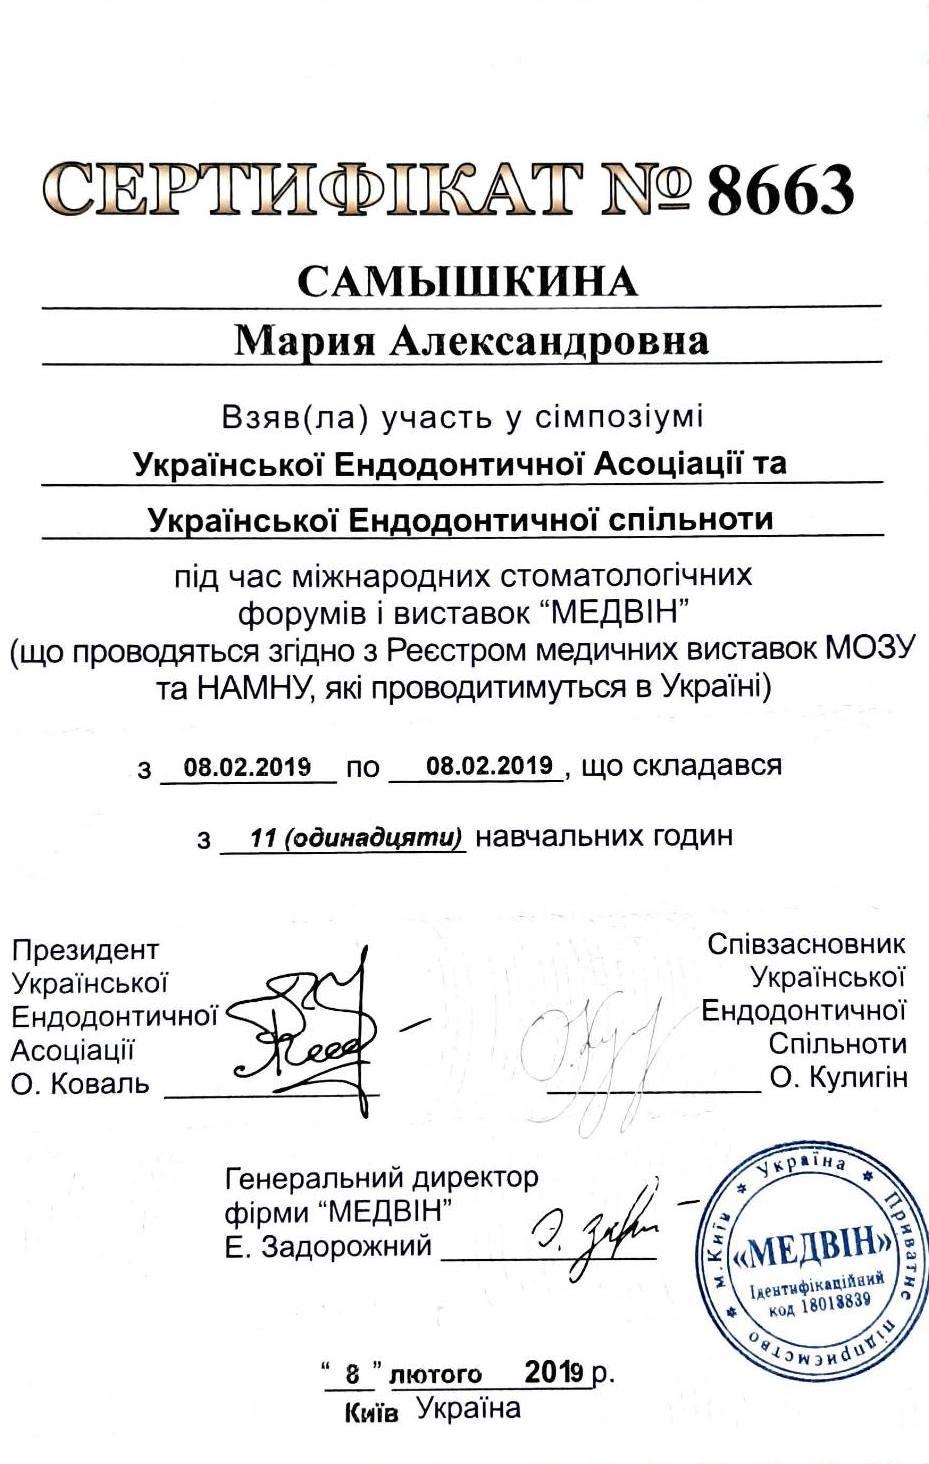 yzobrazhenye_viber_2021-04-06_09-06-22.jpg